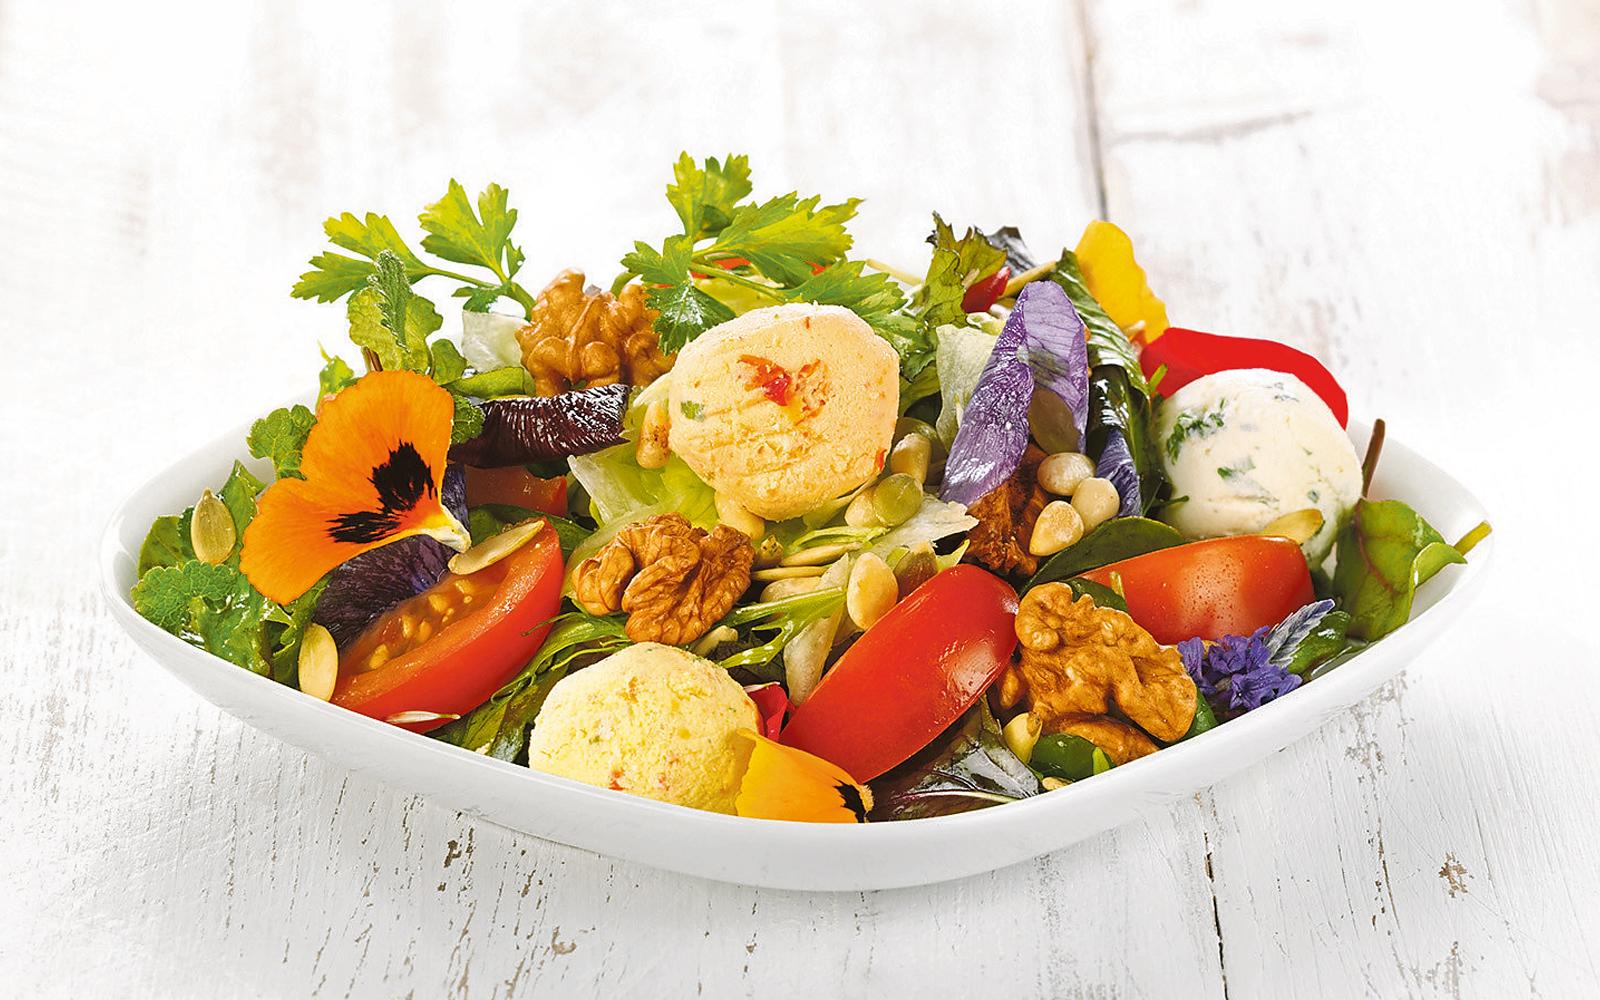 Appetitlich und gesund: Meyer Menü bietet täglich sieben verschiedene Gerichte zur Auswahl, von Hausmannskost über frische Salate bis zu internationaler Küche.